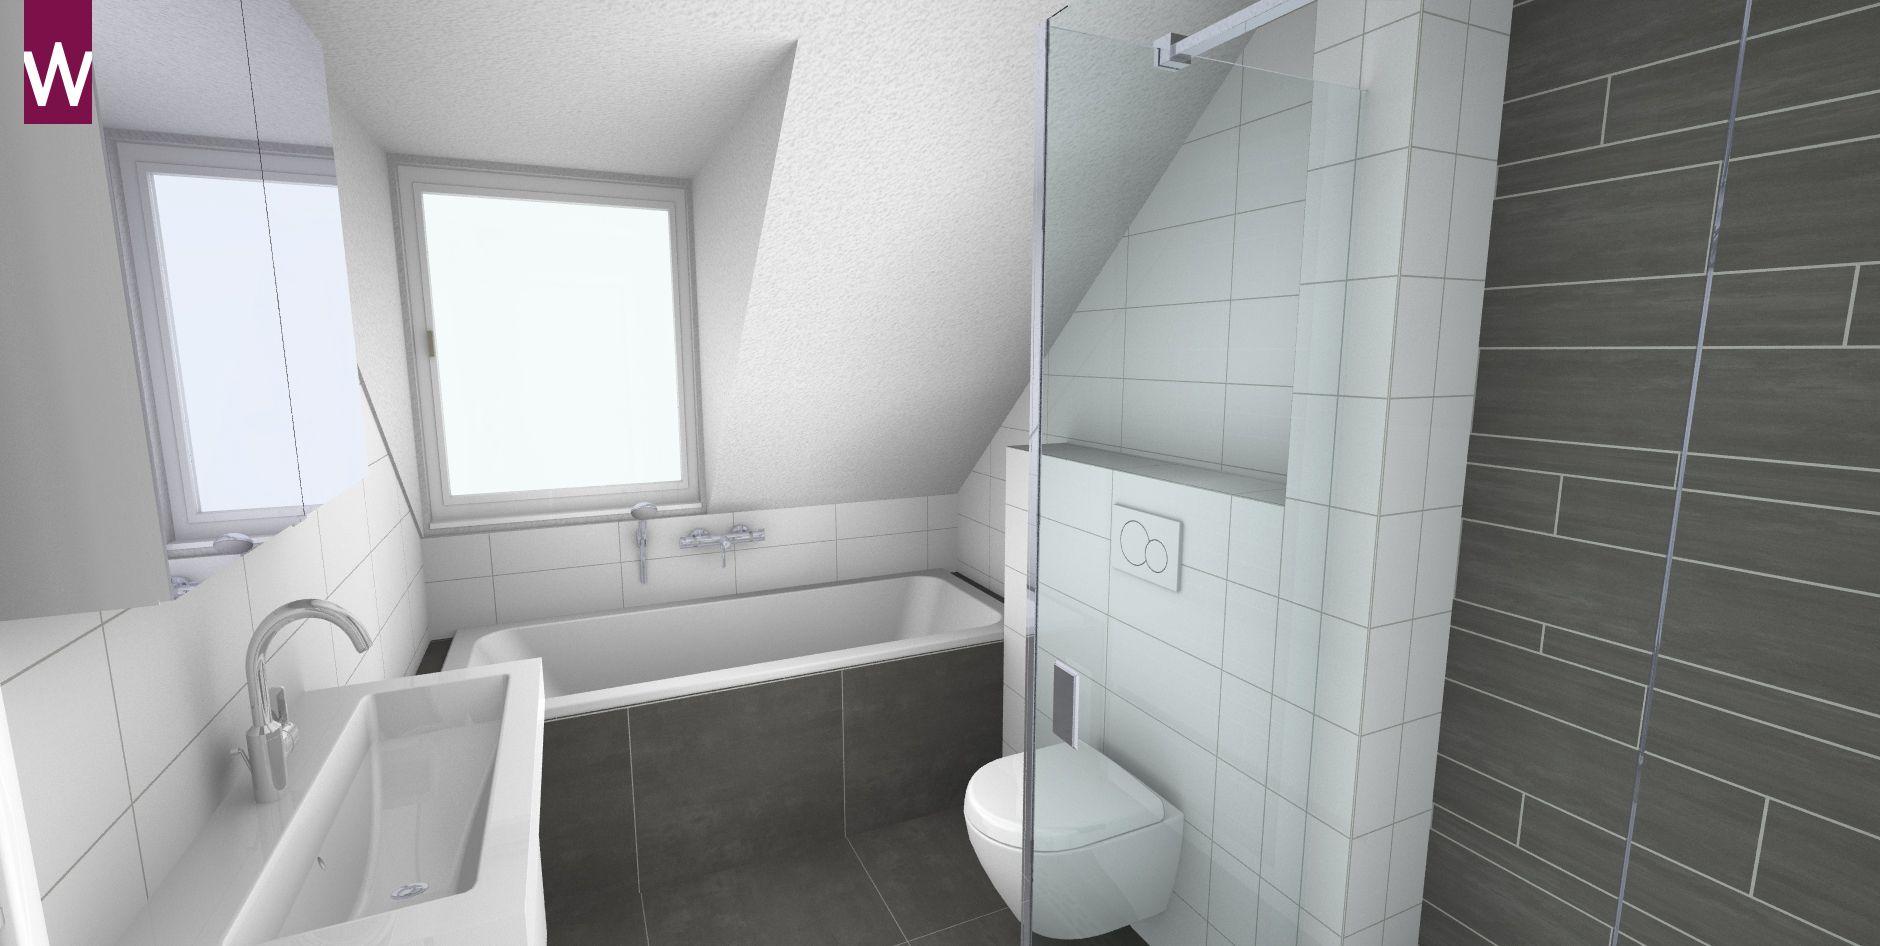 Kleine Badkamer Amsterdam : Complete badkamer onder schuin plafond kleine badkamer